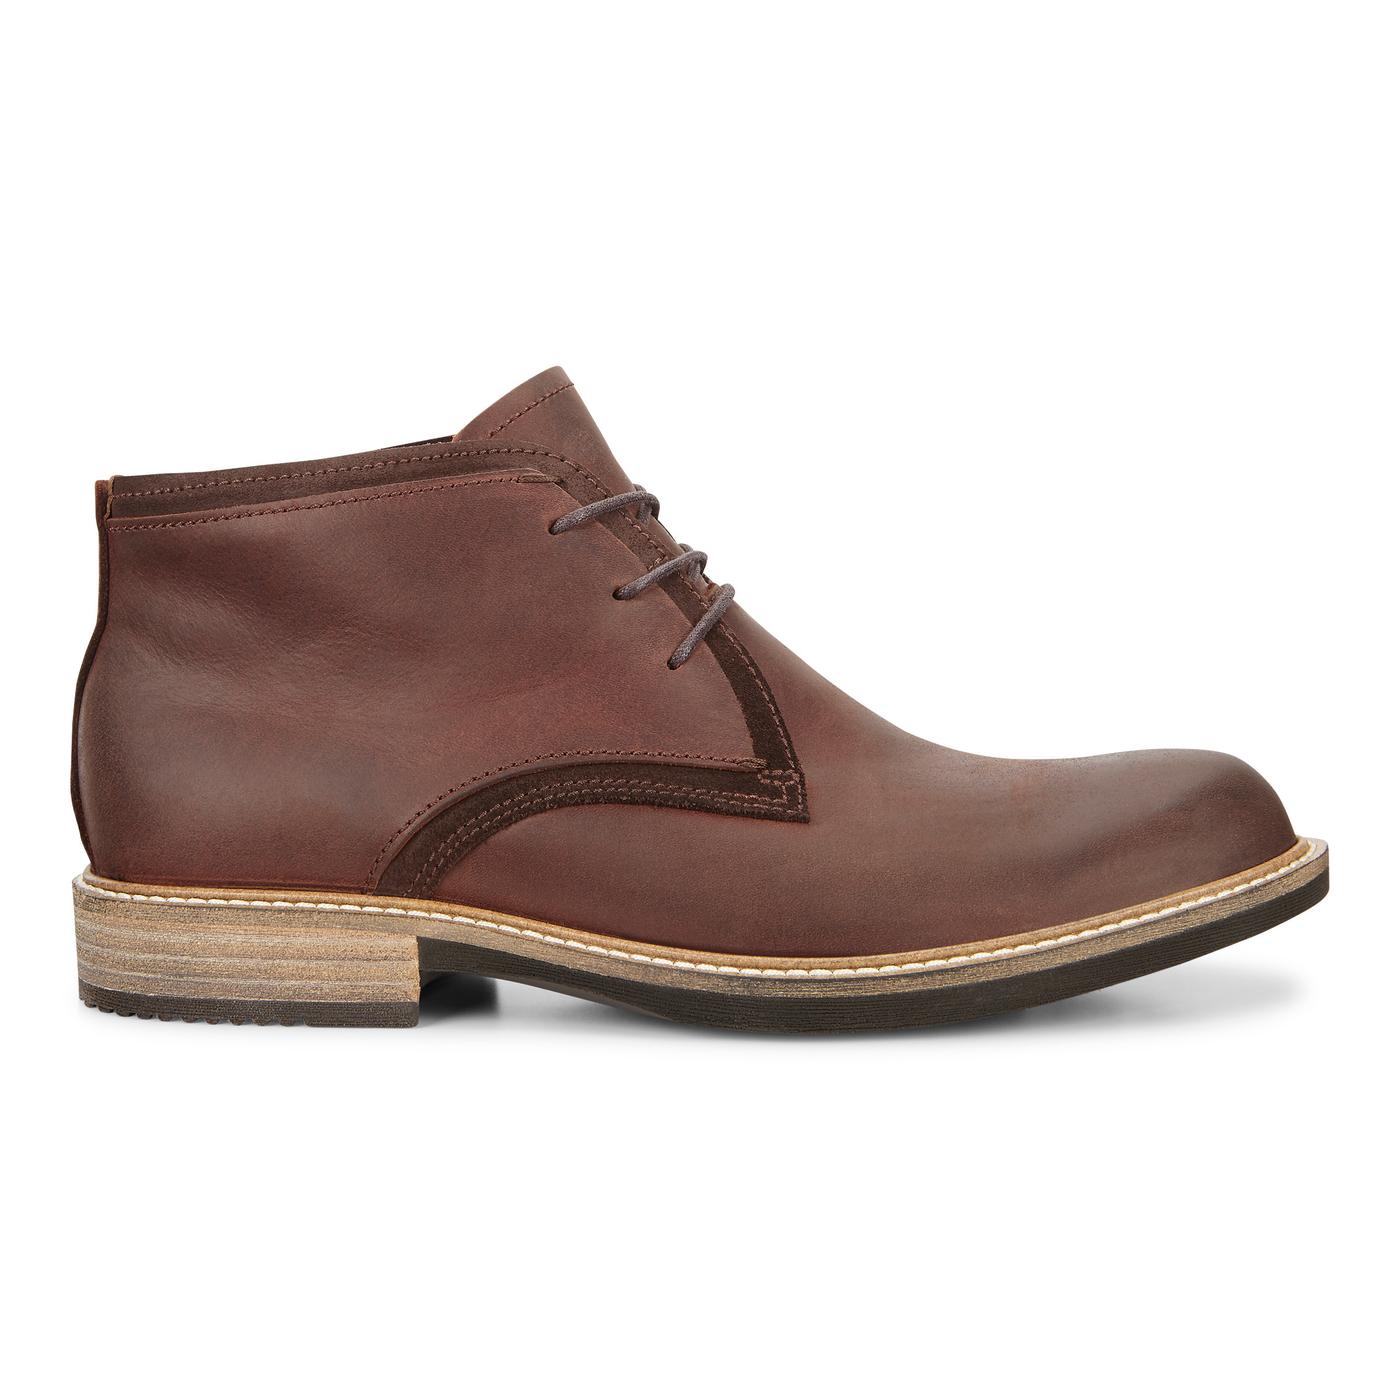 ECCO Kenton Derby Boot